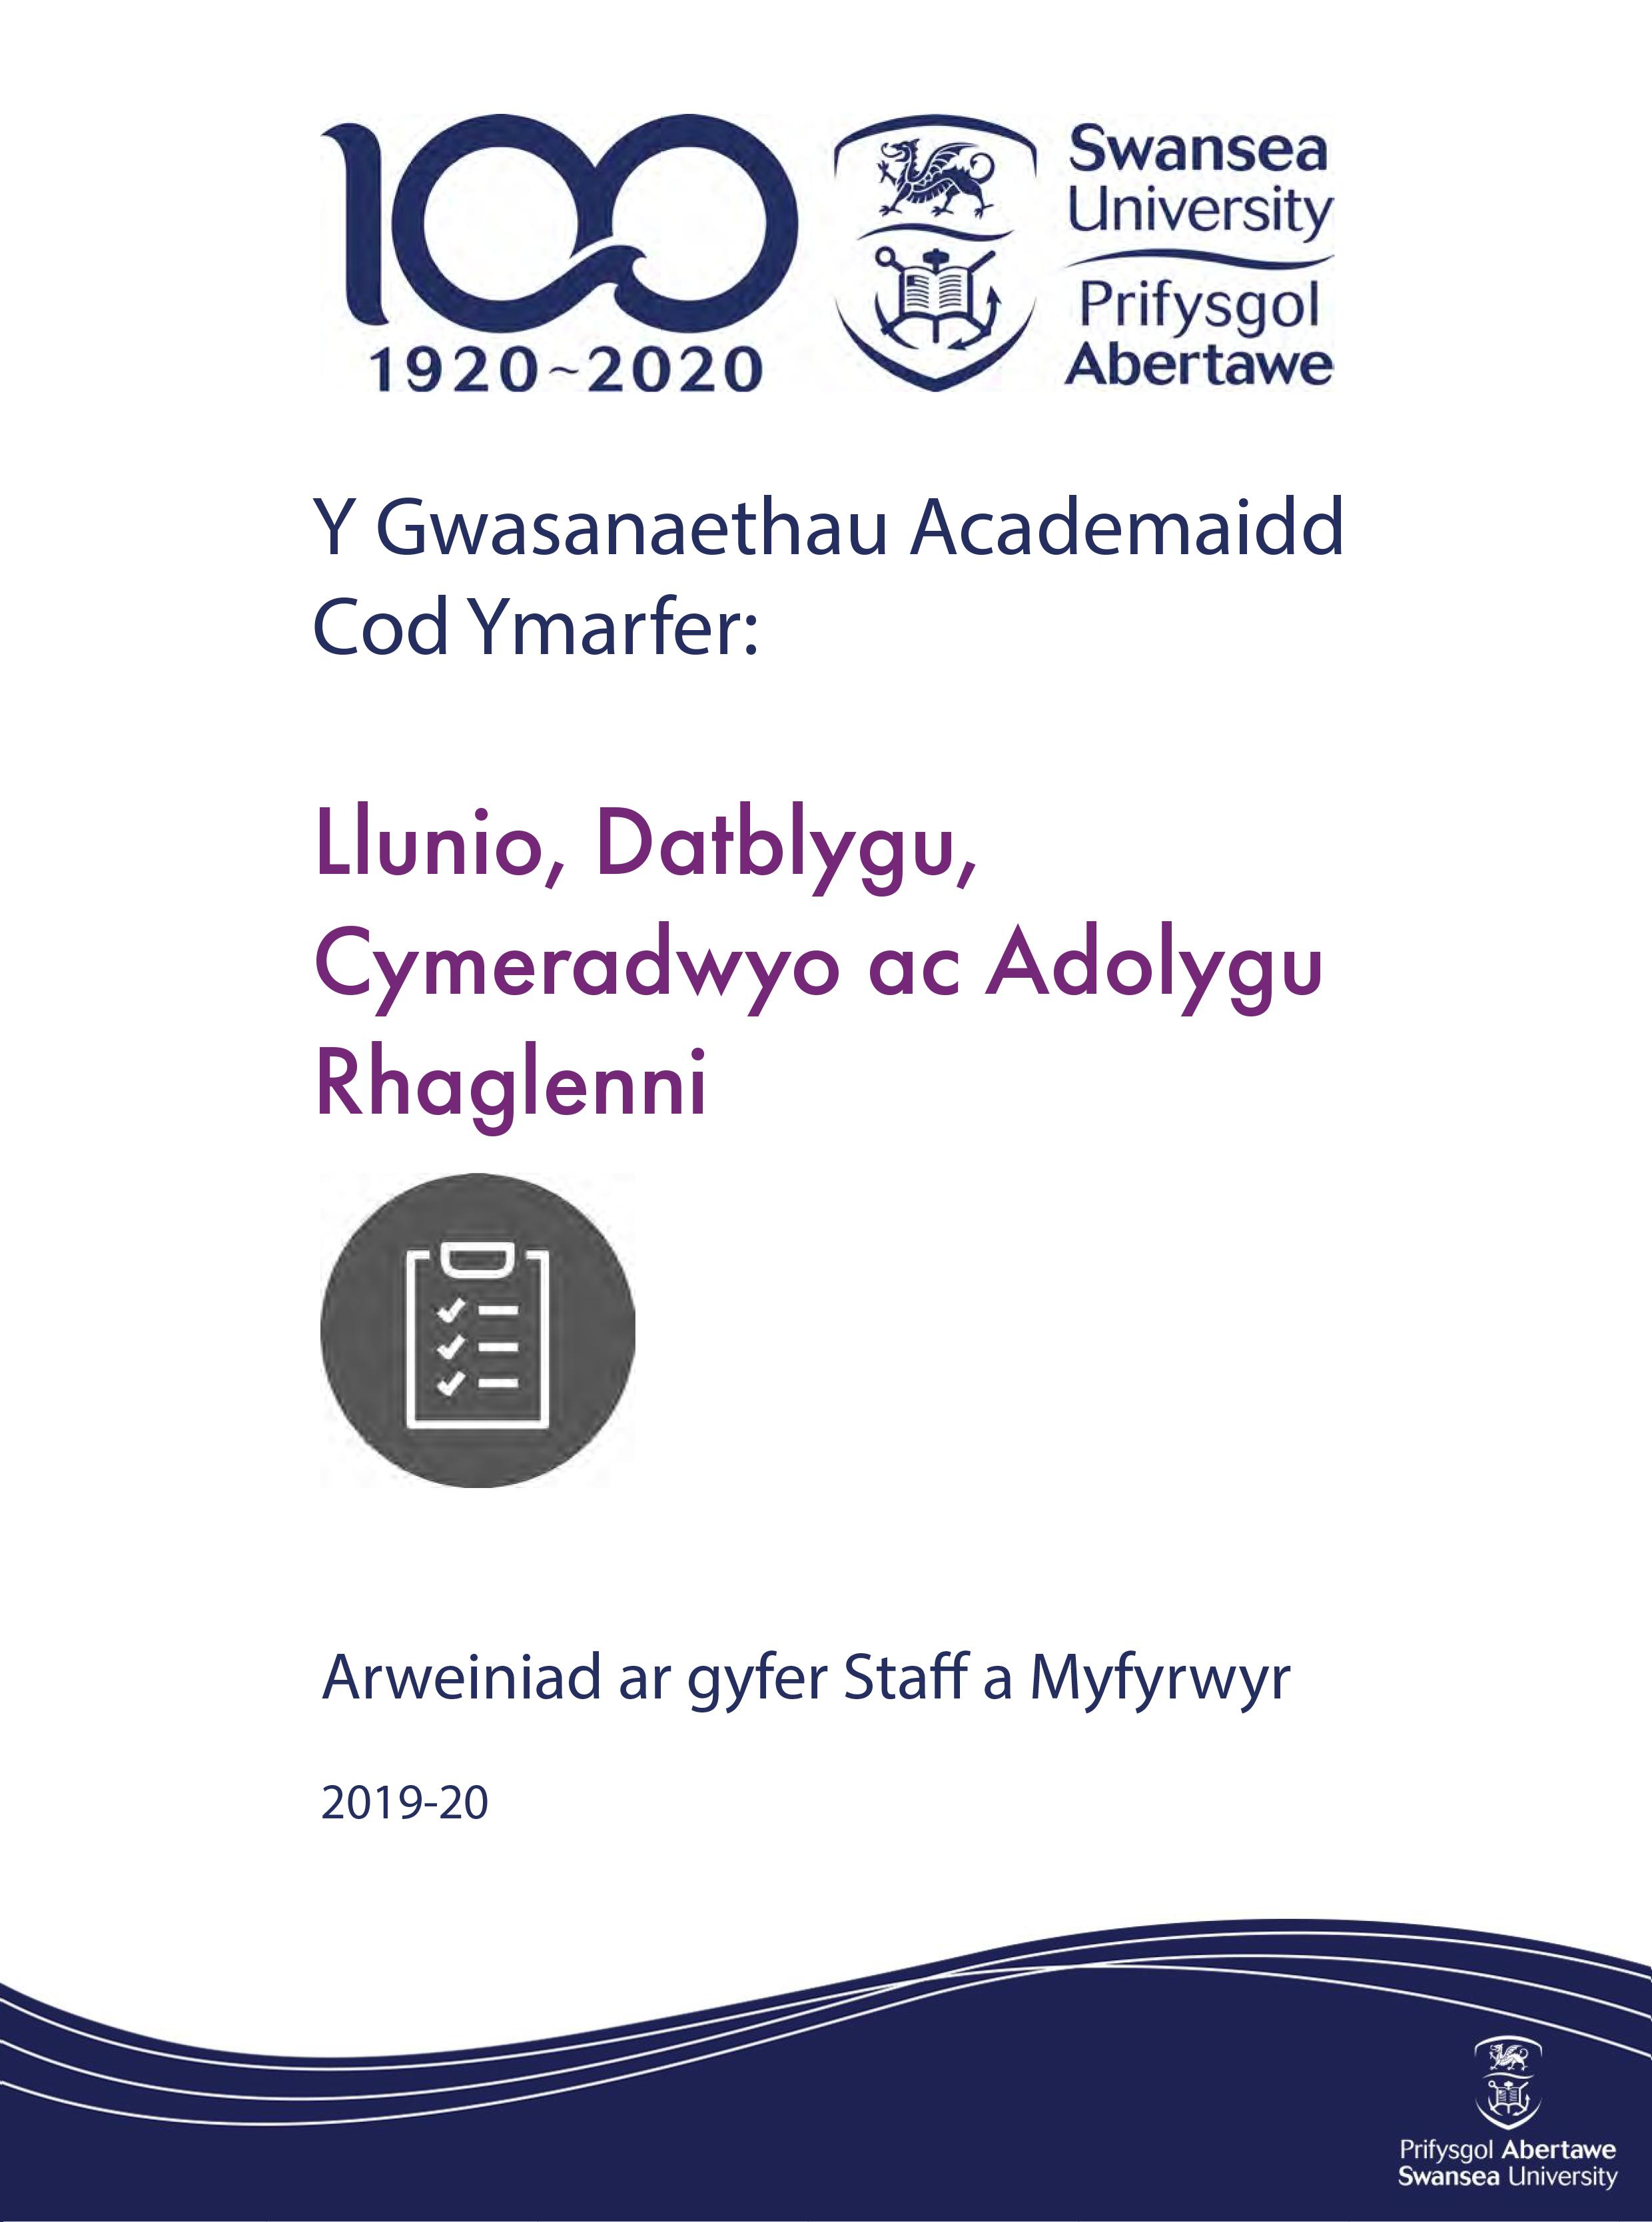 Llunio, Datblygu, Cymeradwyo ac Adolygu Rhaglenni